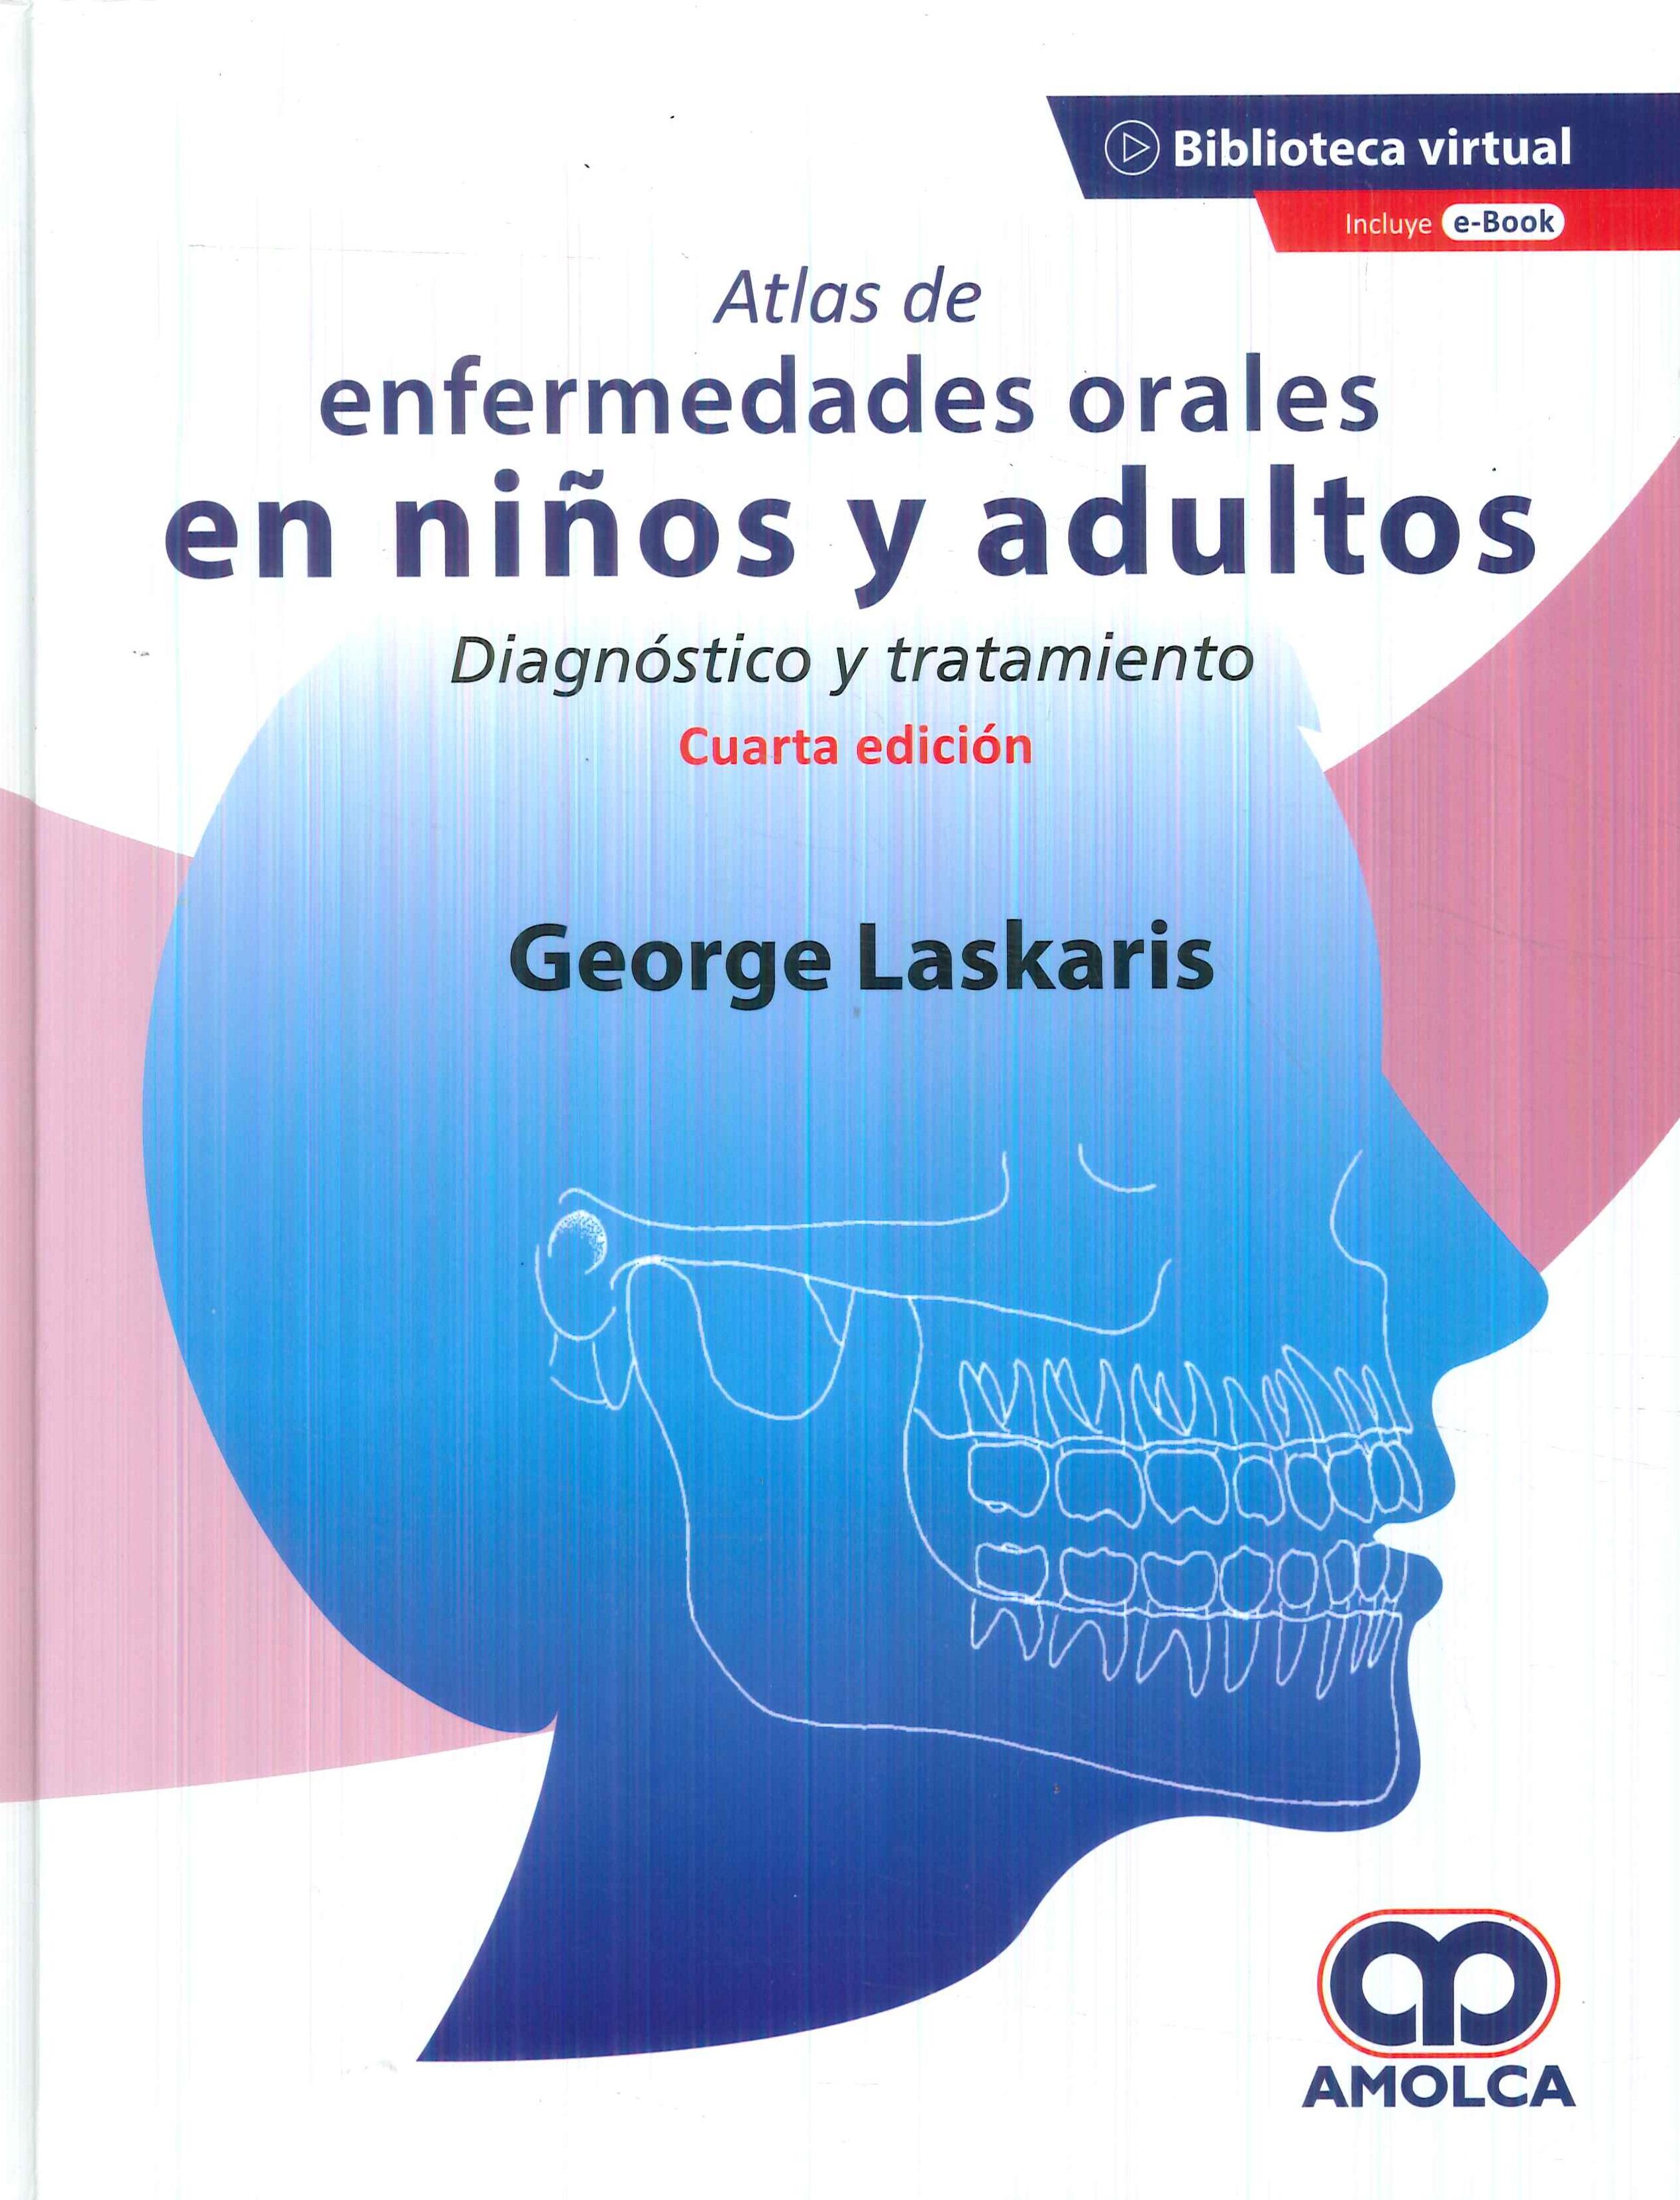 Atlas de enfermedades orales en niños y adultos